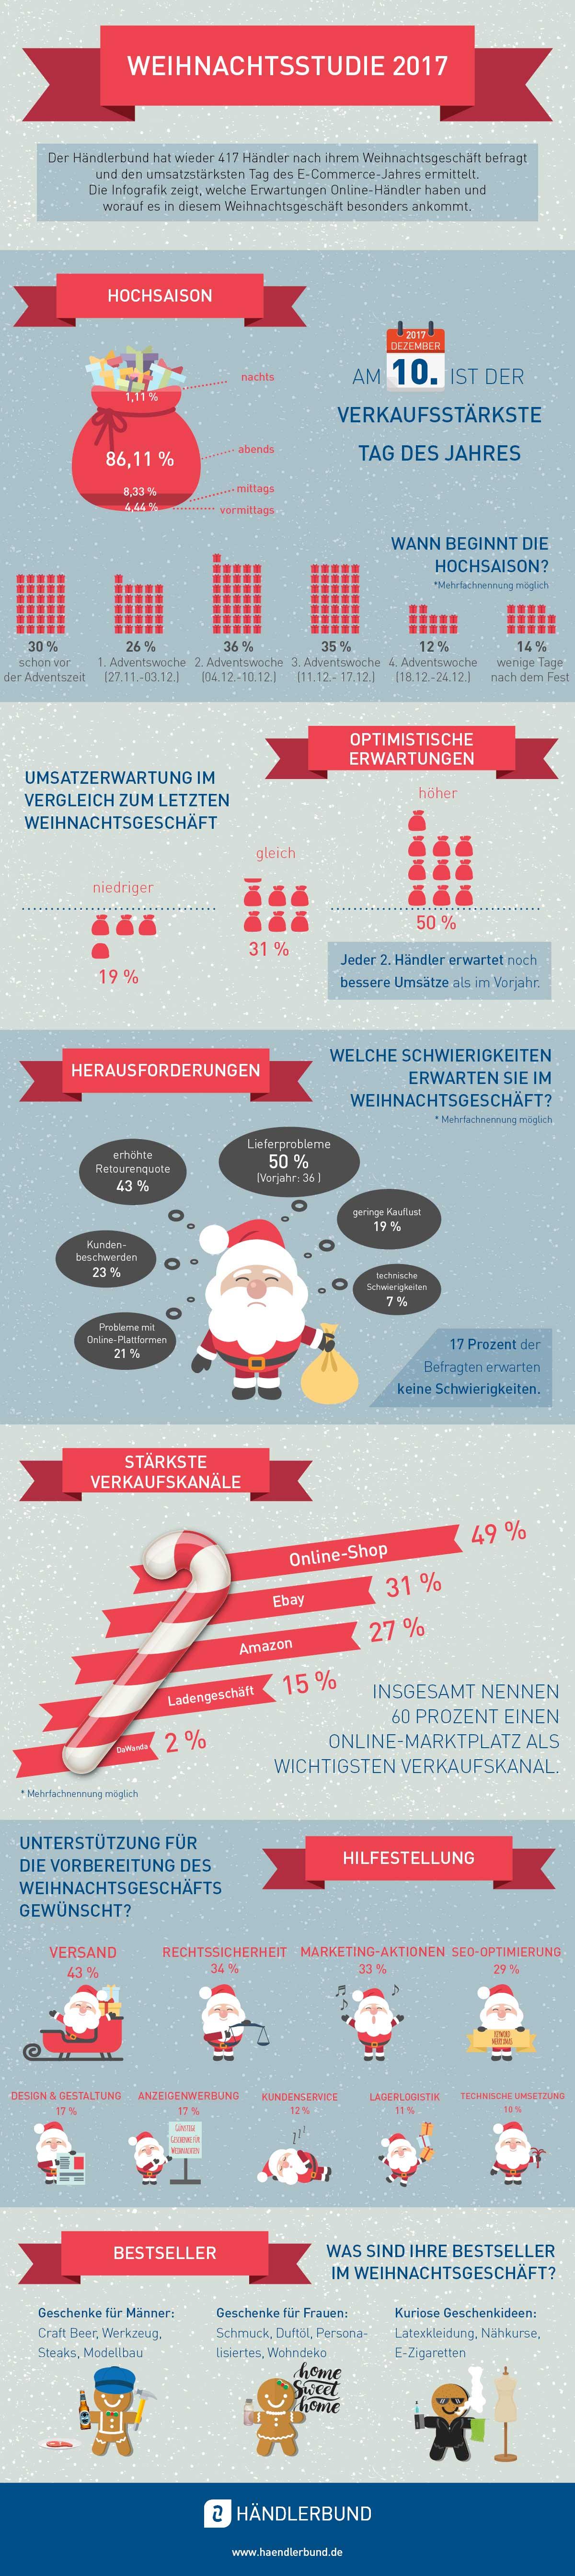 Händlerbund Weihnachtsstudie 2017 Infografik